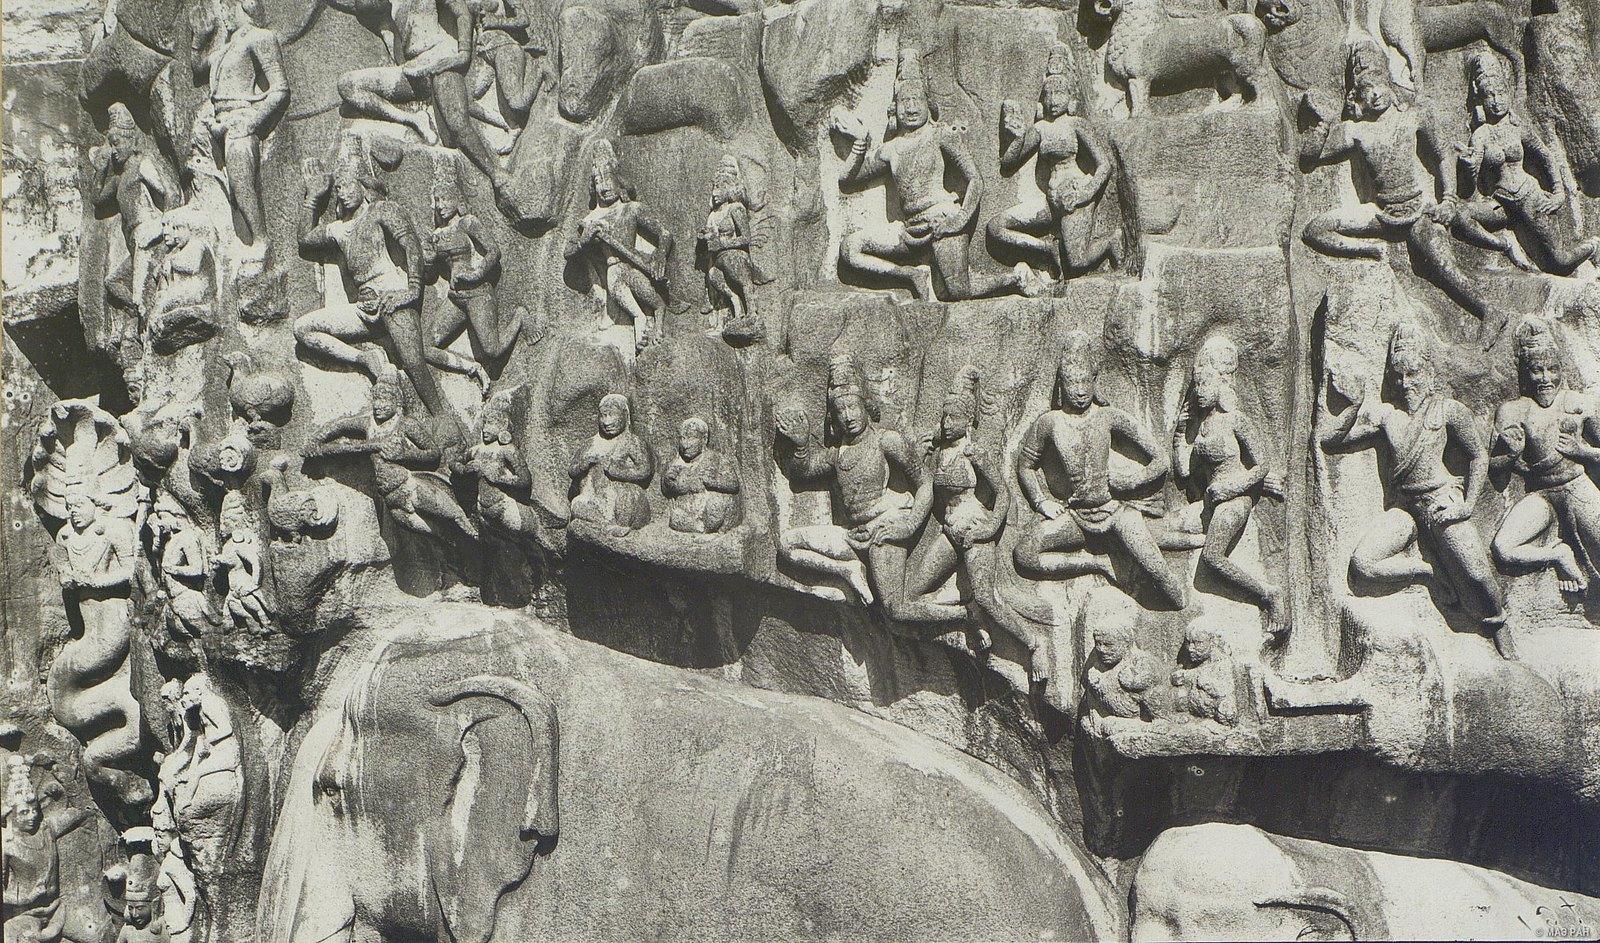 16. Мамаллапур (детали рельефа «Шива со свитой» и «Арджуна в подвижничестве»)